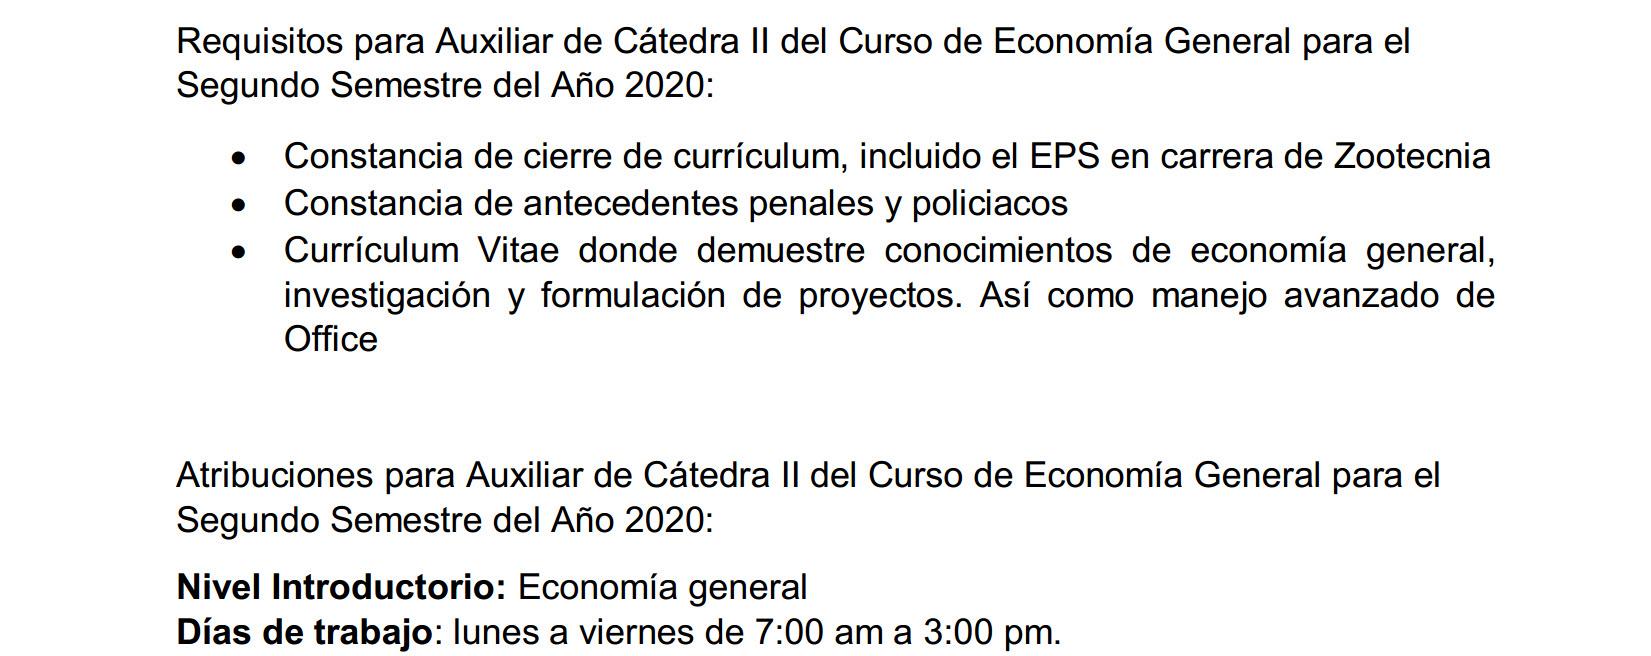 Convocatorio para Auxiliar de Cátedra II del Curso de Economía General para el Segundo Semestre del Año 2020